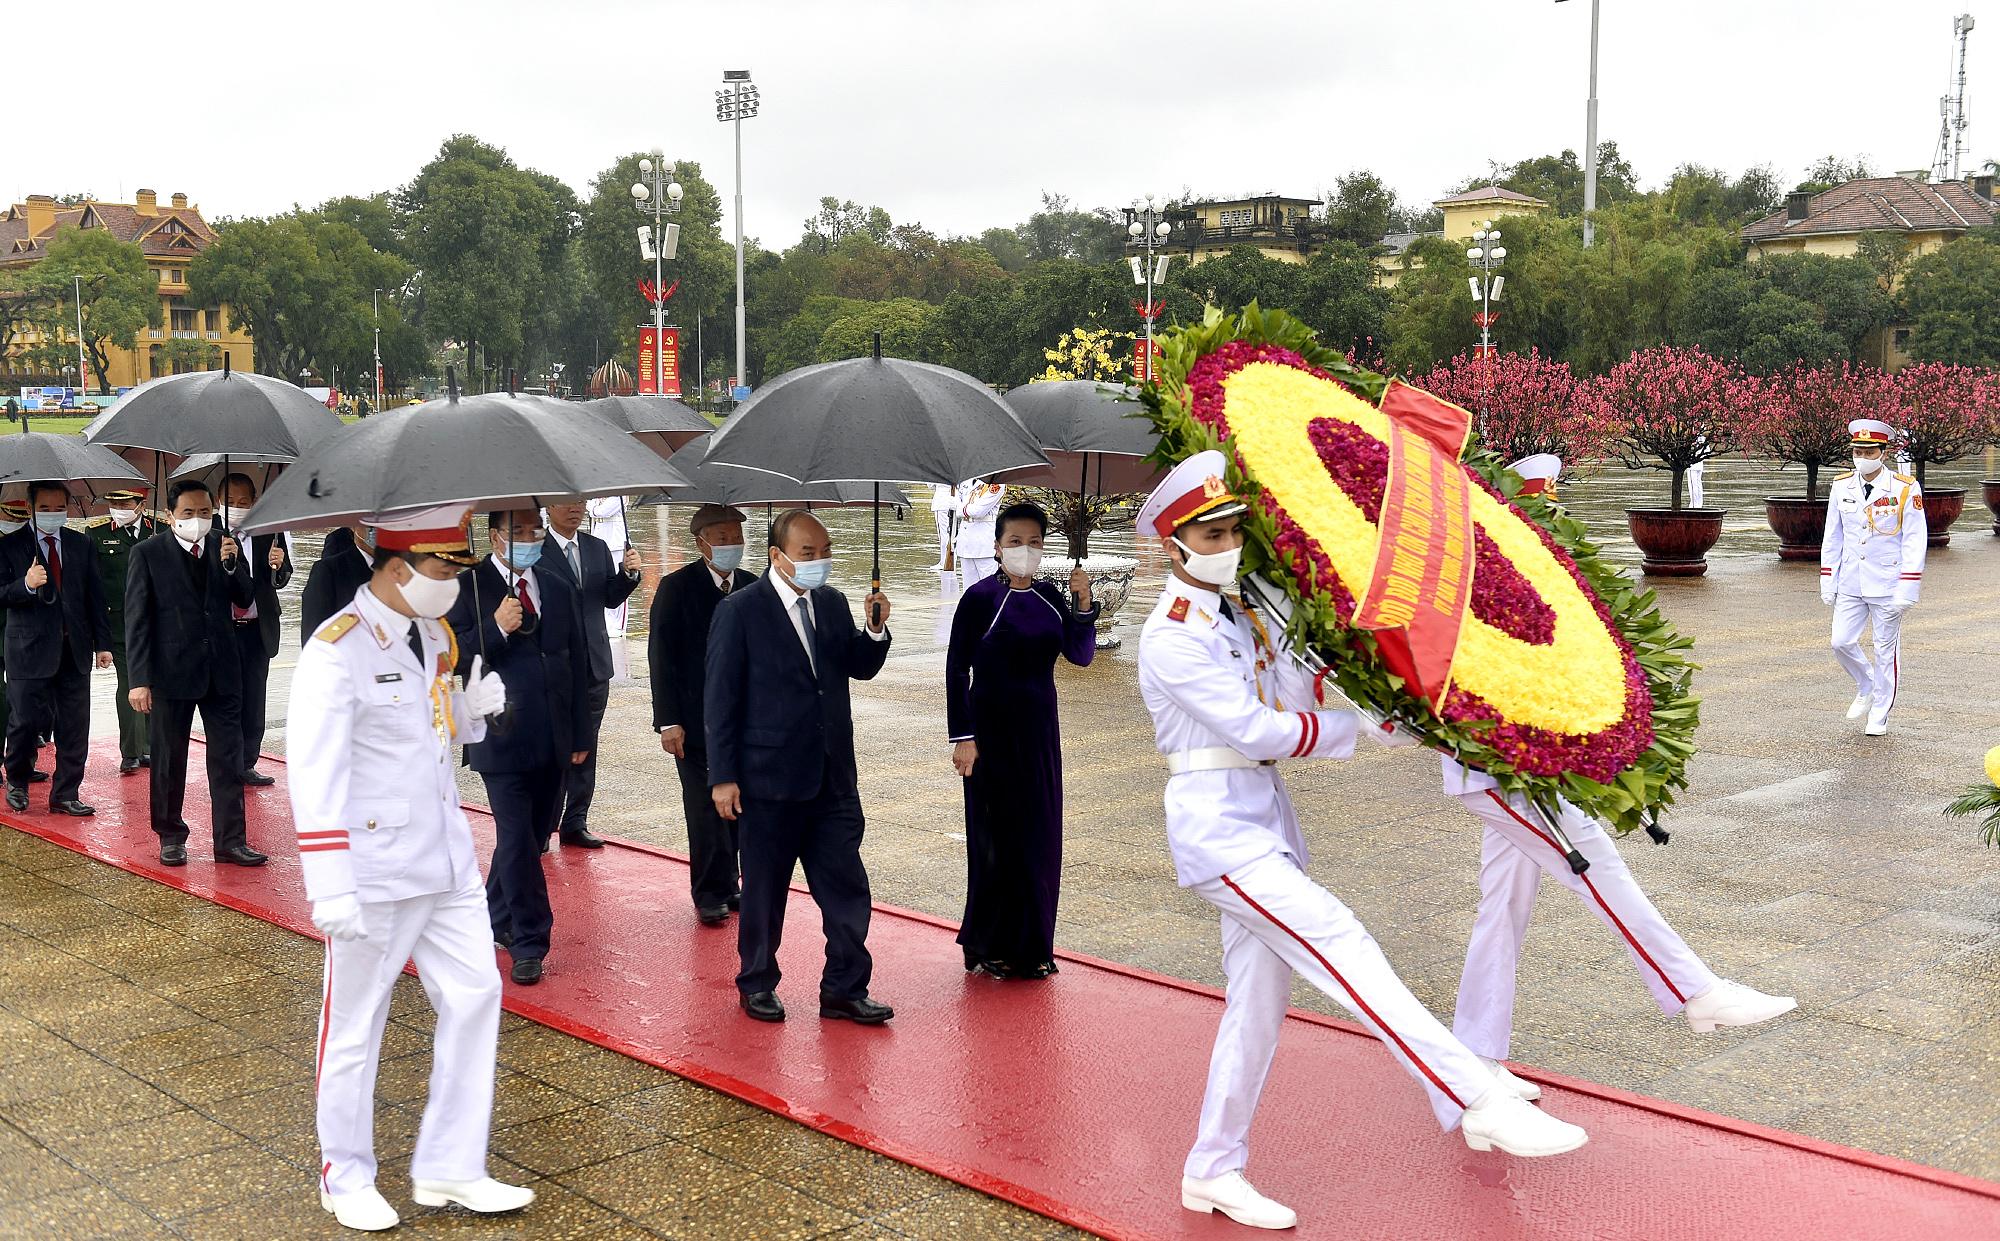 Lãnh đạo Đảng, Nhà nước tưởng nhớ Chủ tịch Hồ Chí Minh và các Anh hùng liệt sĩ